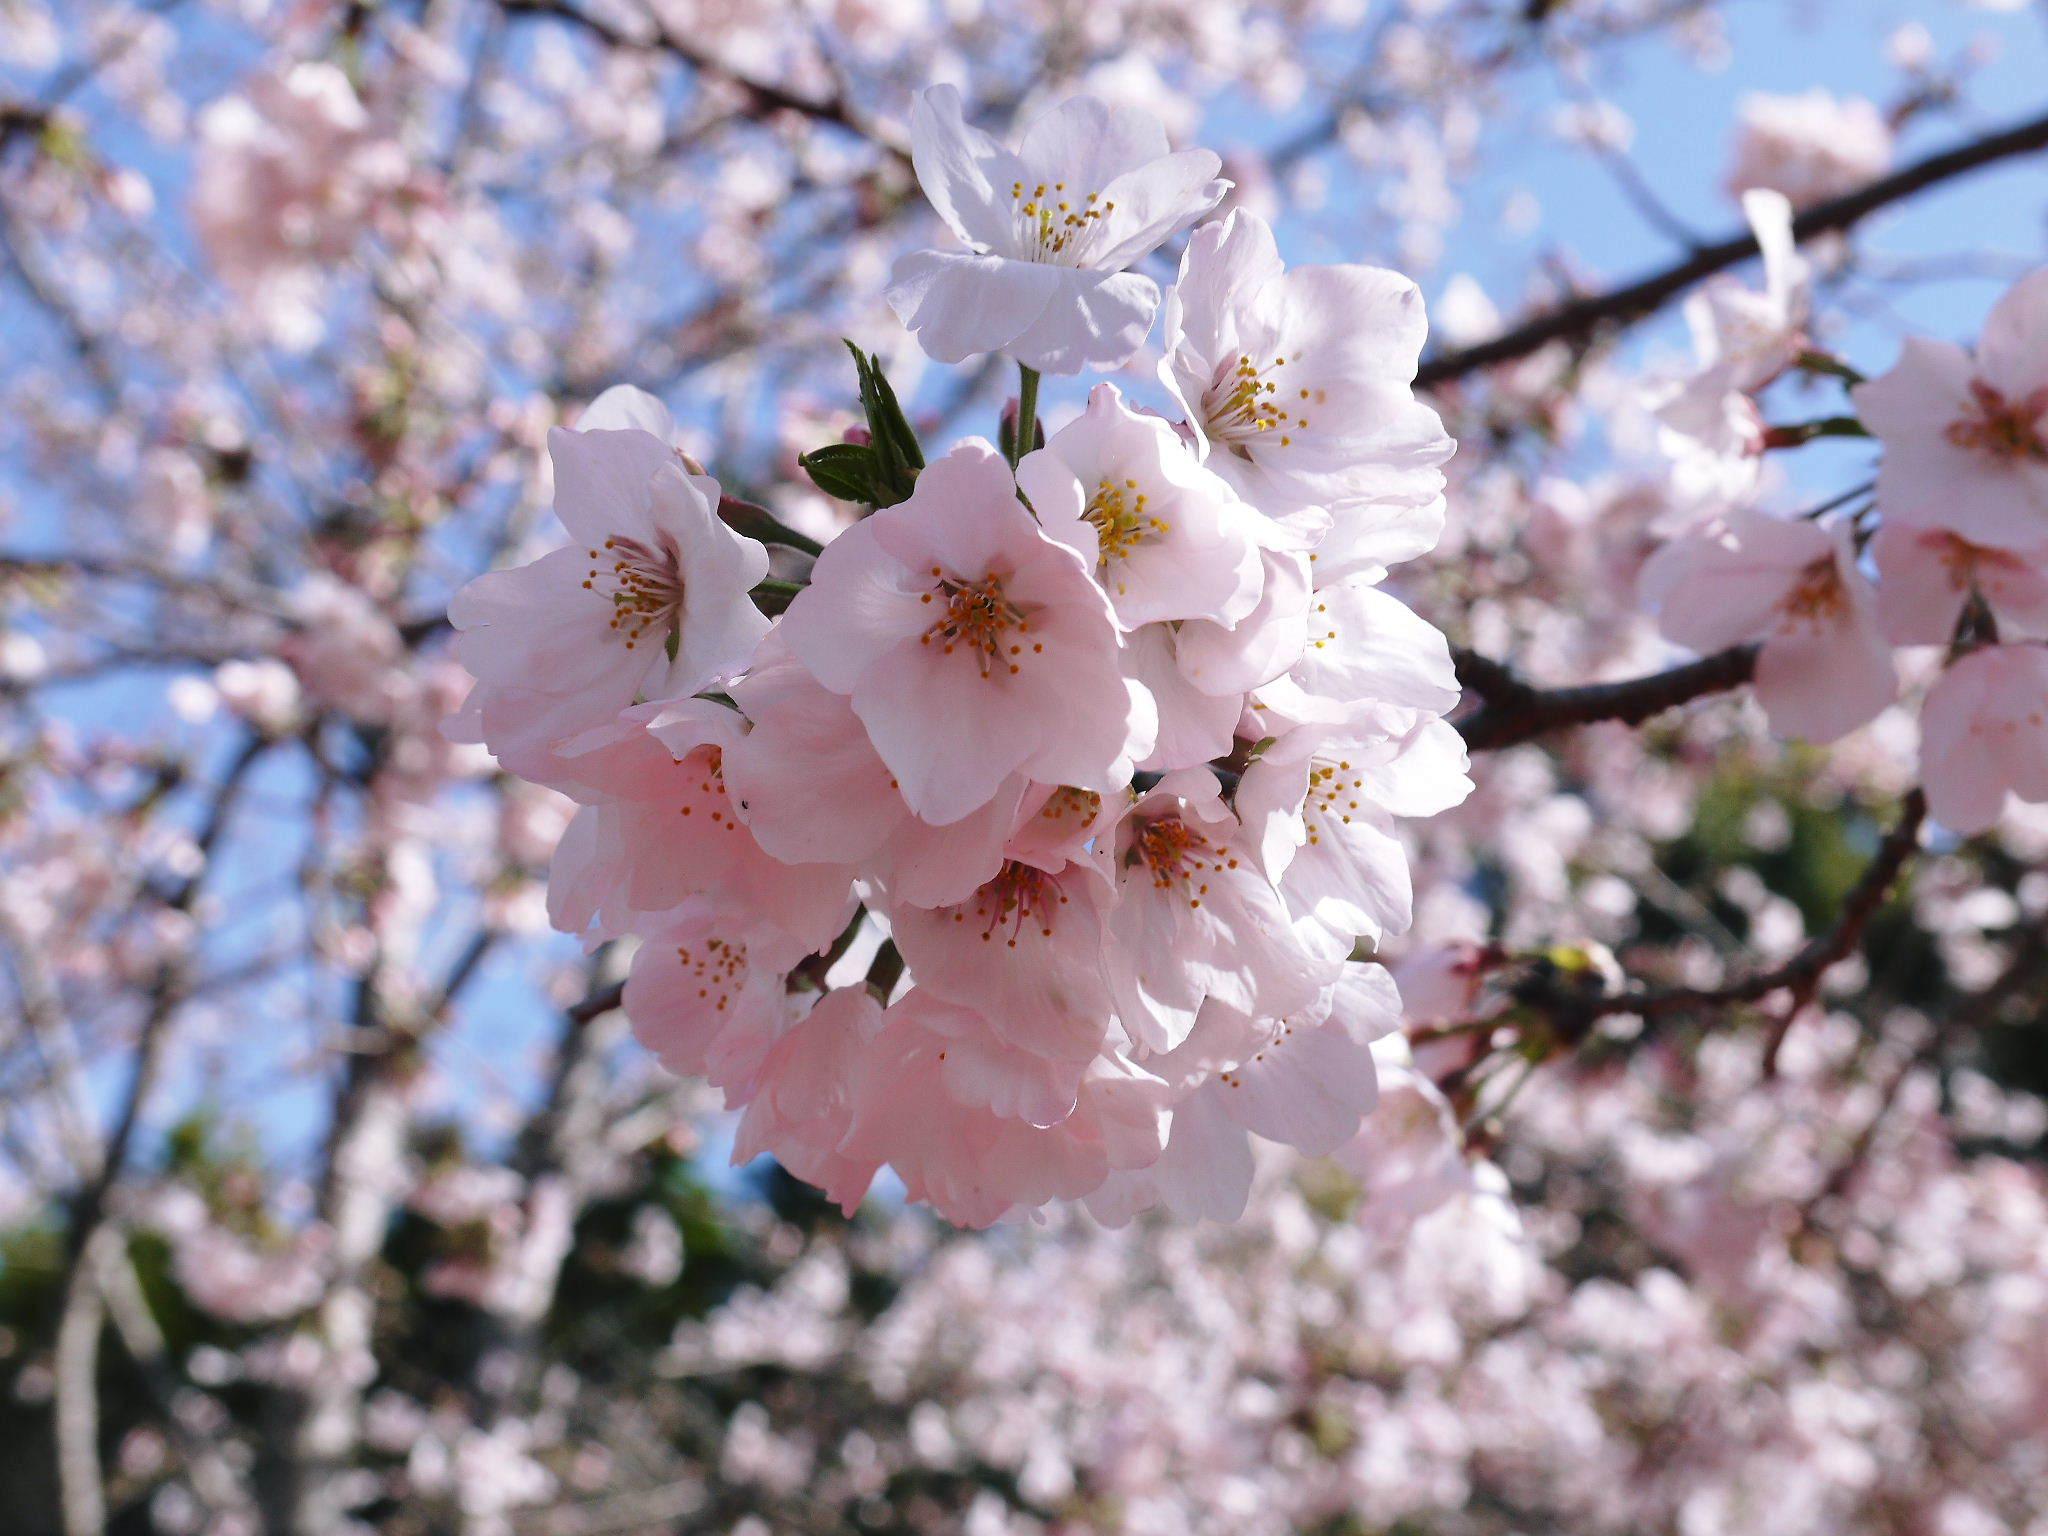 菊池公園、菊池神社の桜photoコレクション 2020_a0254656_18592437.jpg